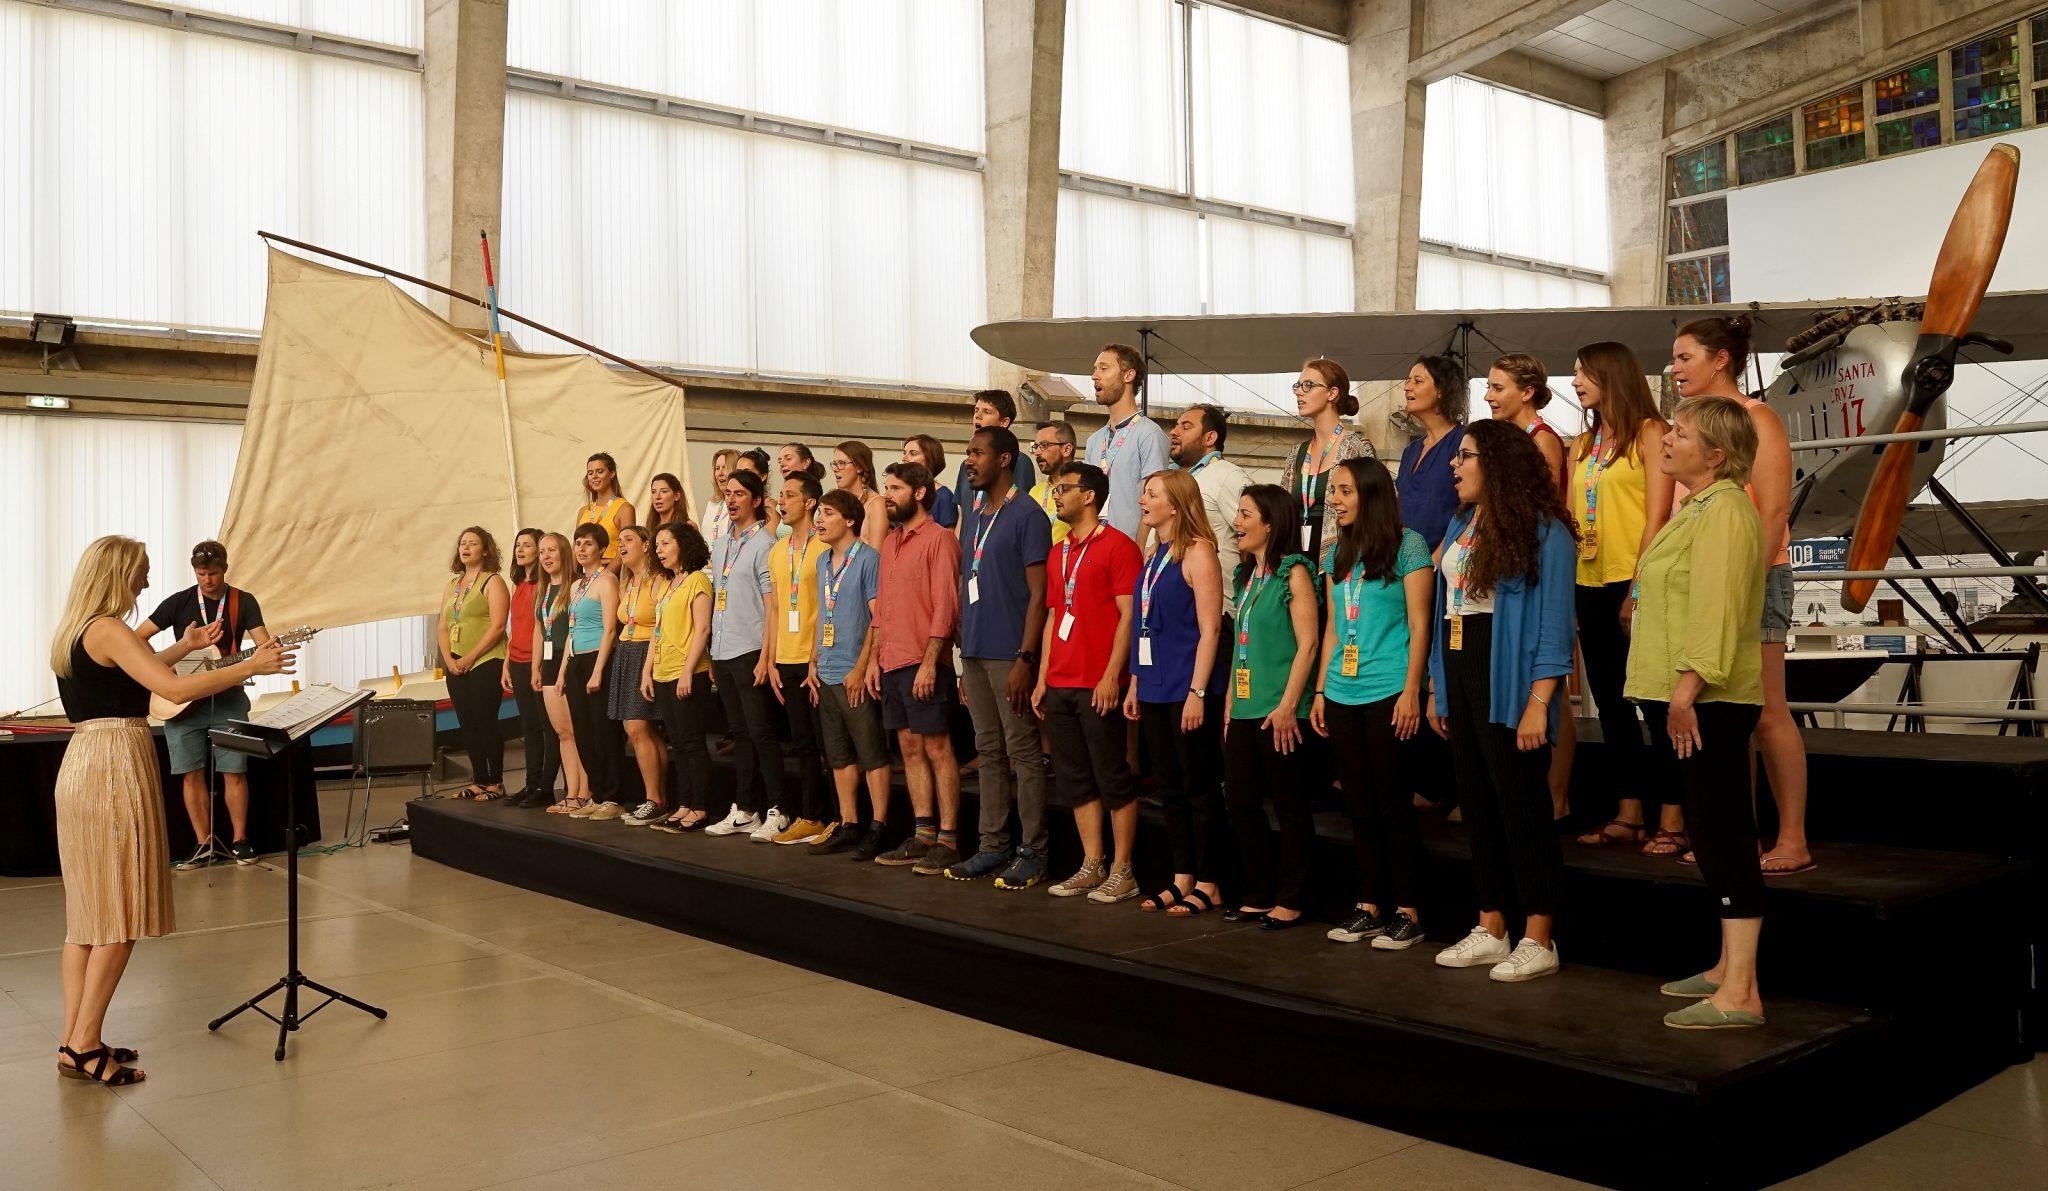 Homens e mulheres com camisas coloridas cantam em pé num estrado com três patamares. Atrás deles, encontra-se um avião de modelo antigo.